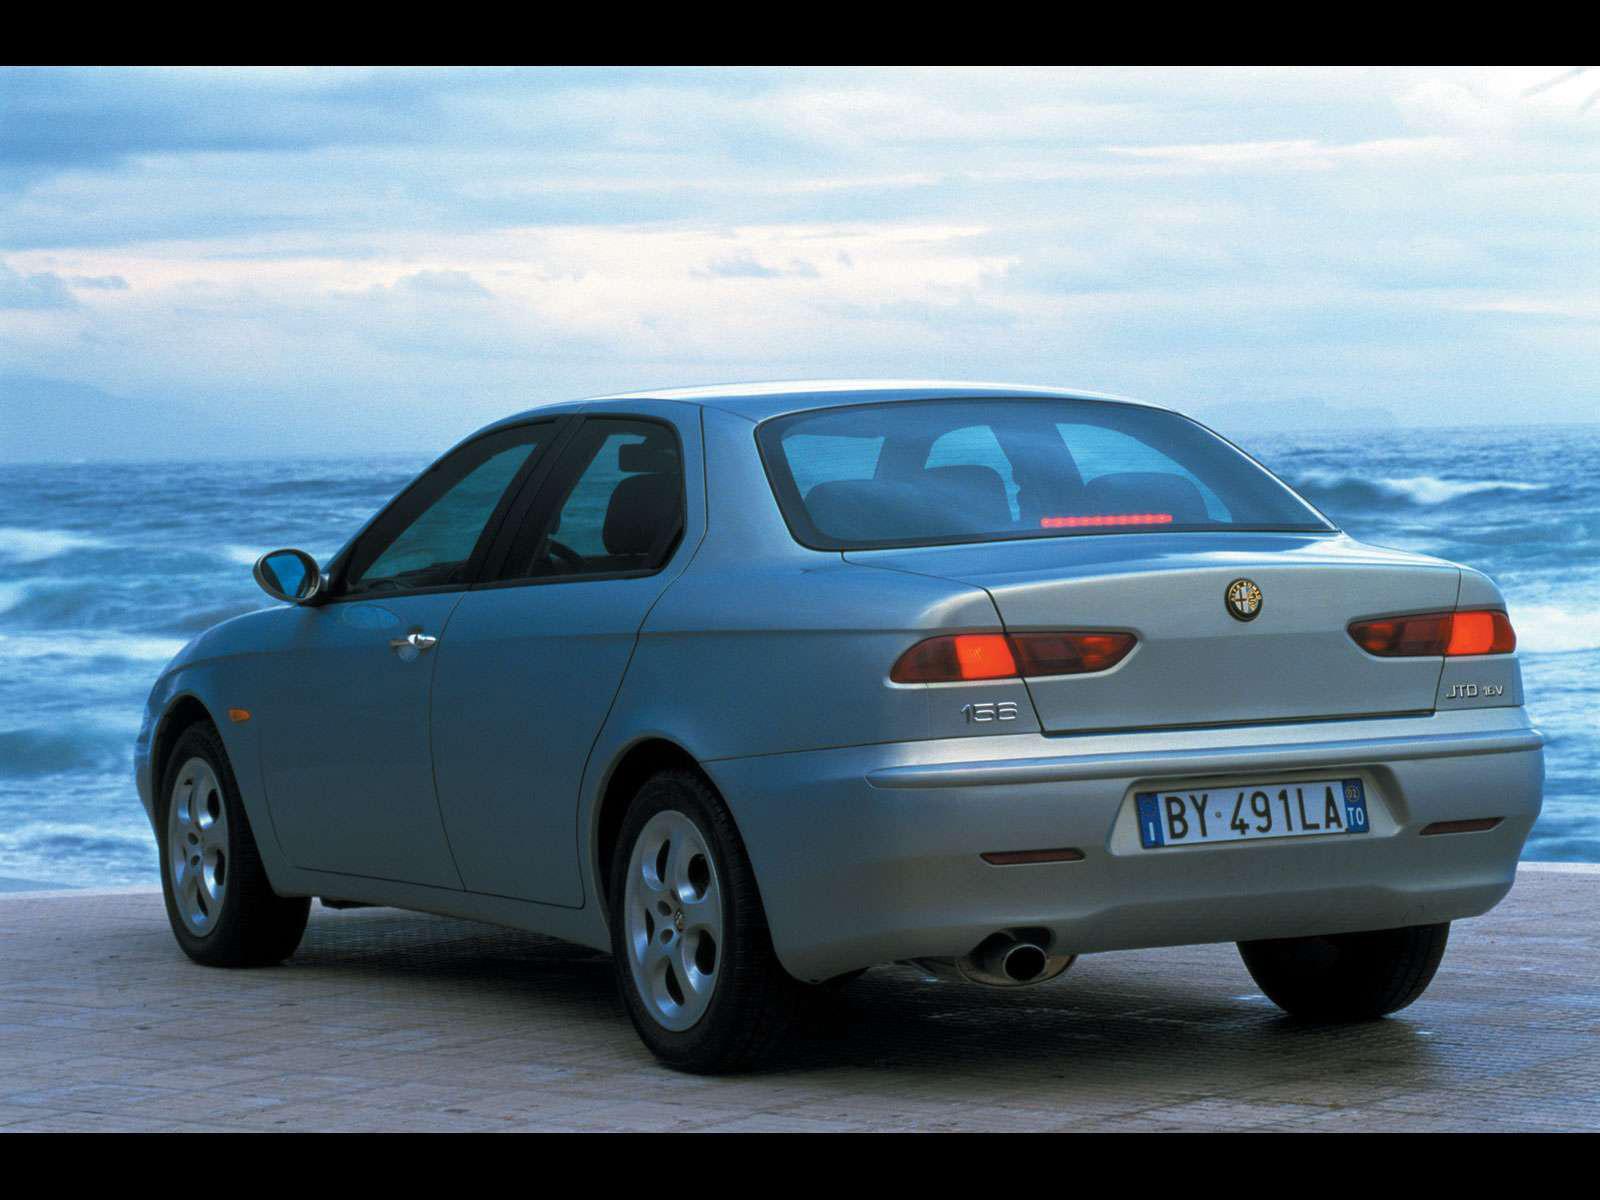 2007 Alfa Romeo GT 1 8 TS 16V infomation specifications